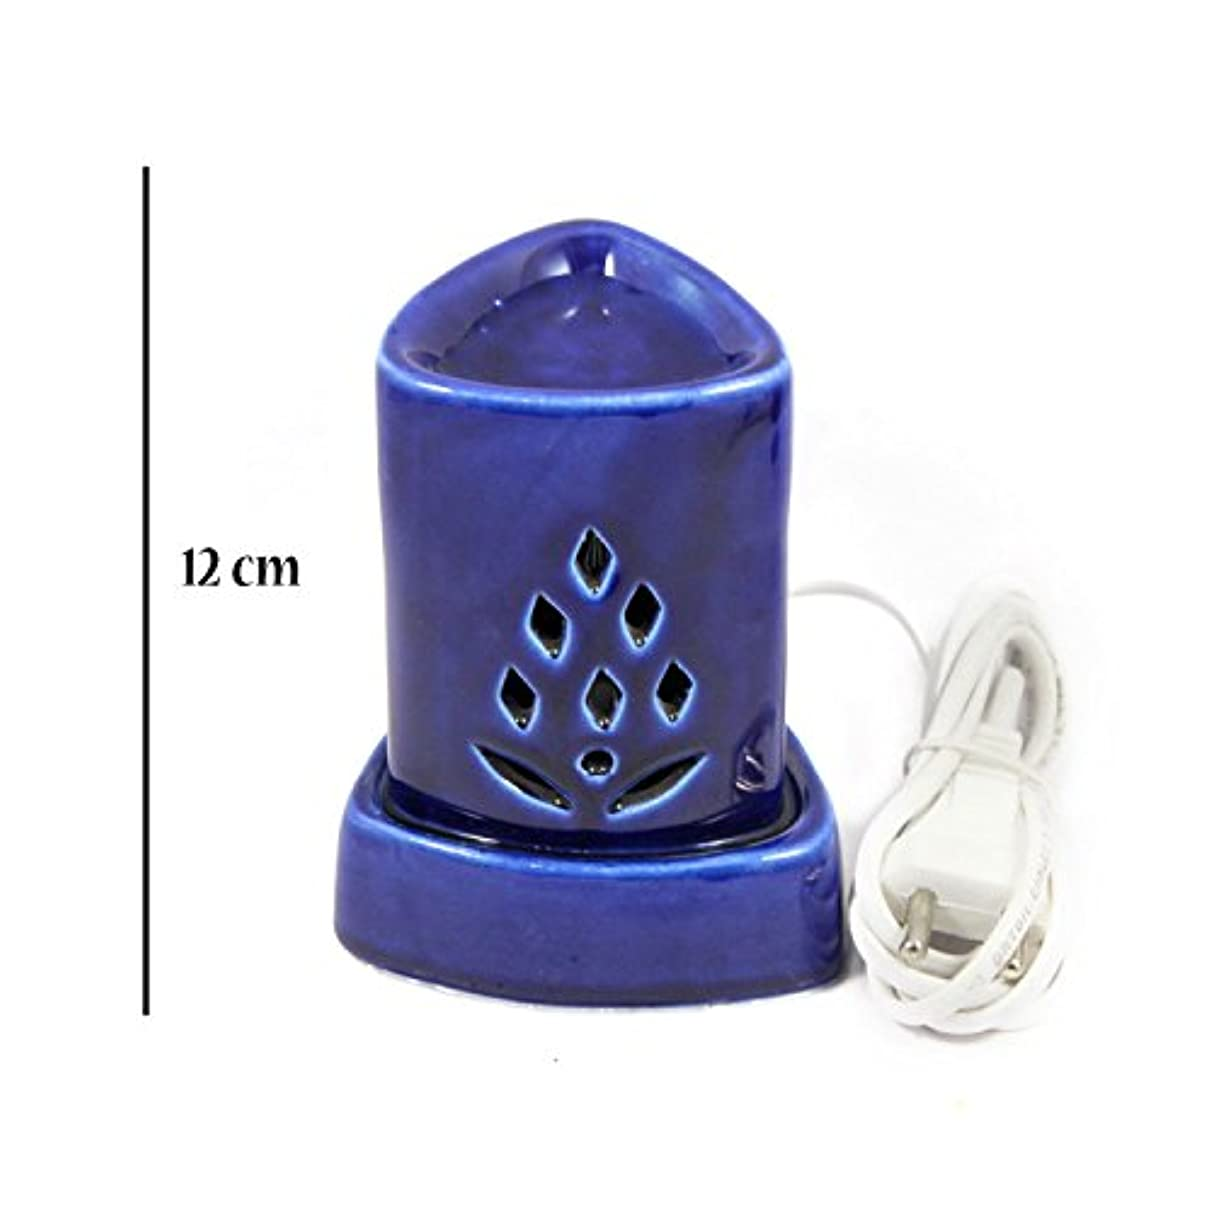 回転させる呼ぶ動脈インドホームインテリア定期的な使用法汚染フリーハンドメイドセラミック粘土電気アロマオイルバーナー&ティーライトランプ/良質ホワイトカラー電気アロマオイルバーナーまたはアロマオイルディフューザー数量1